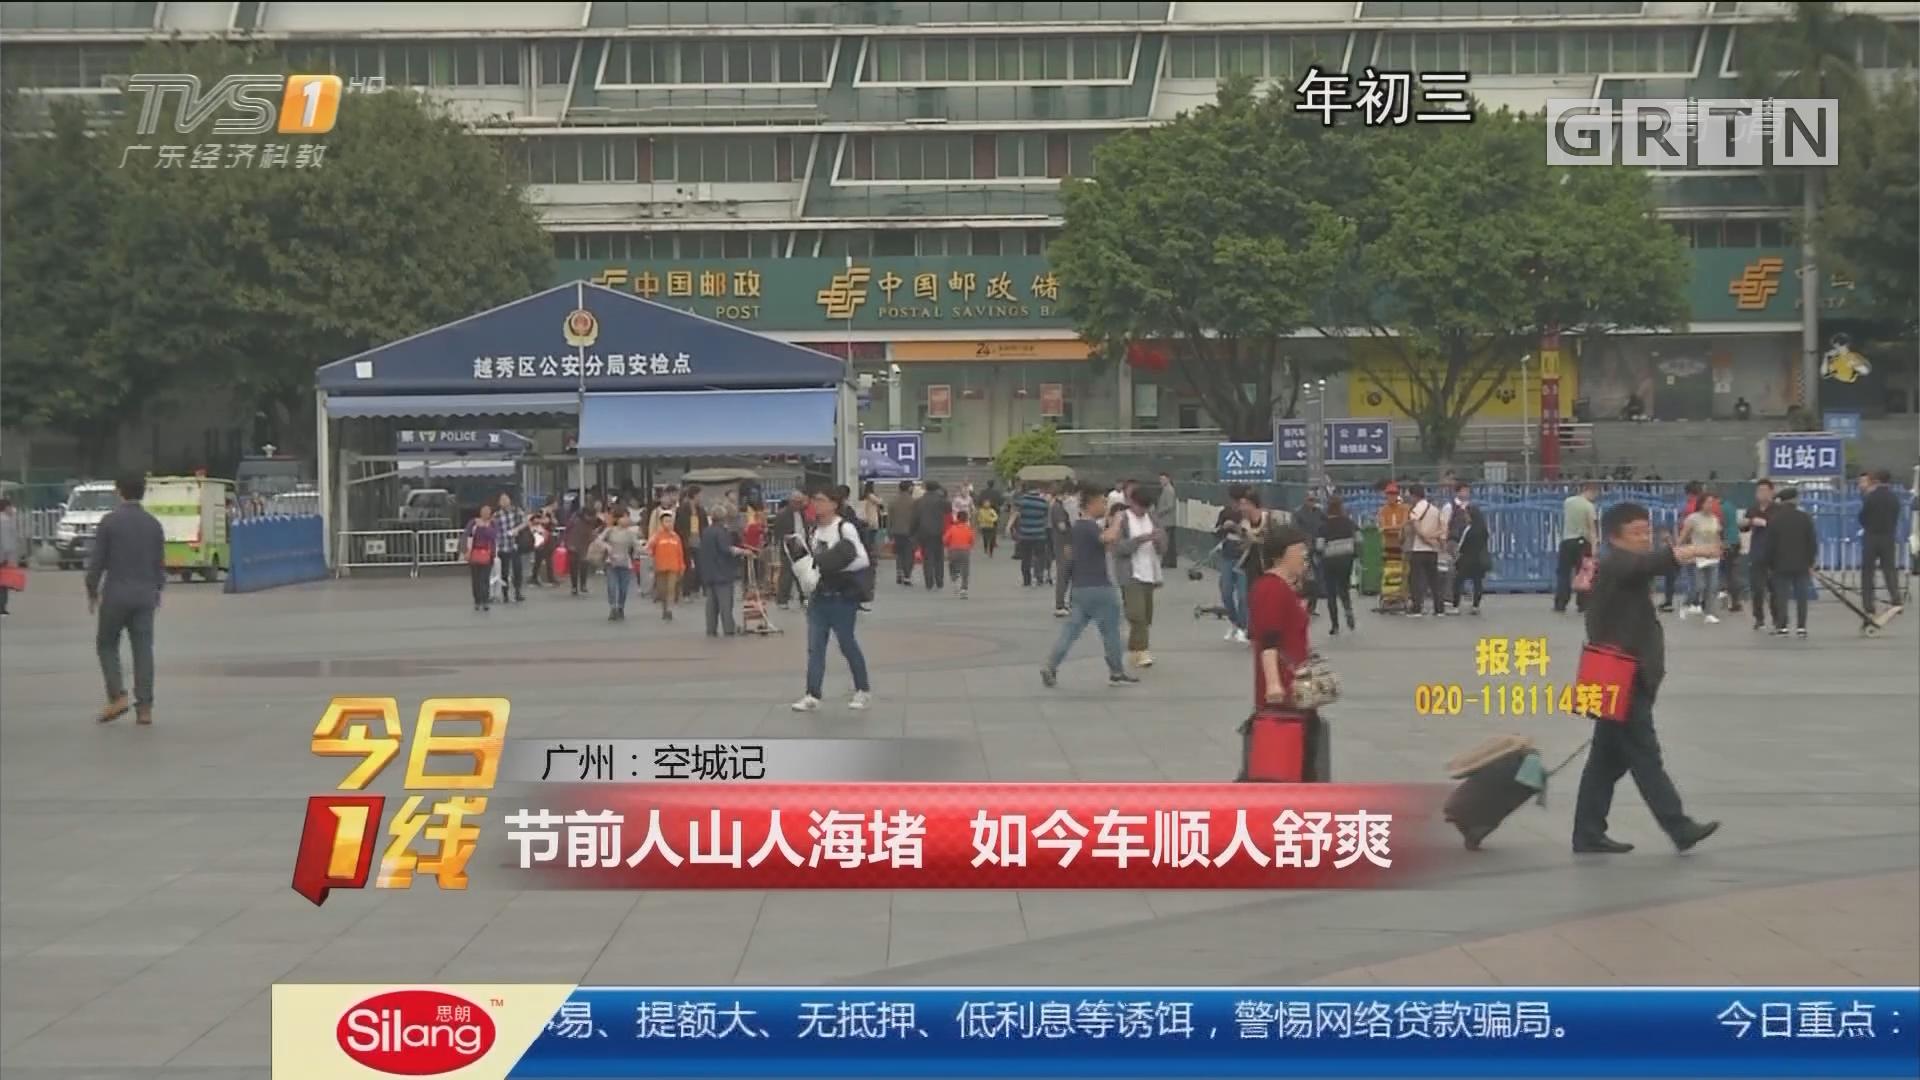 广州:空城计 节前人山人海堵 如今车顺人舒爽